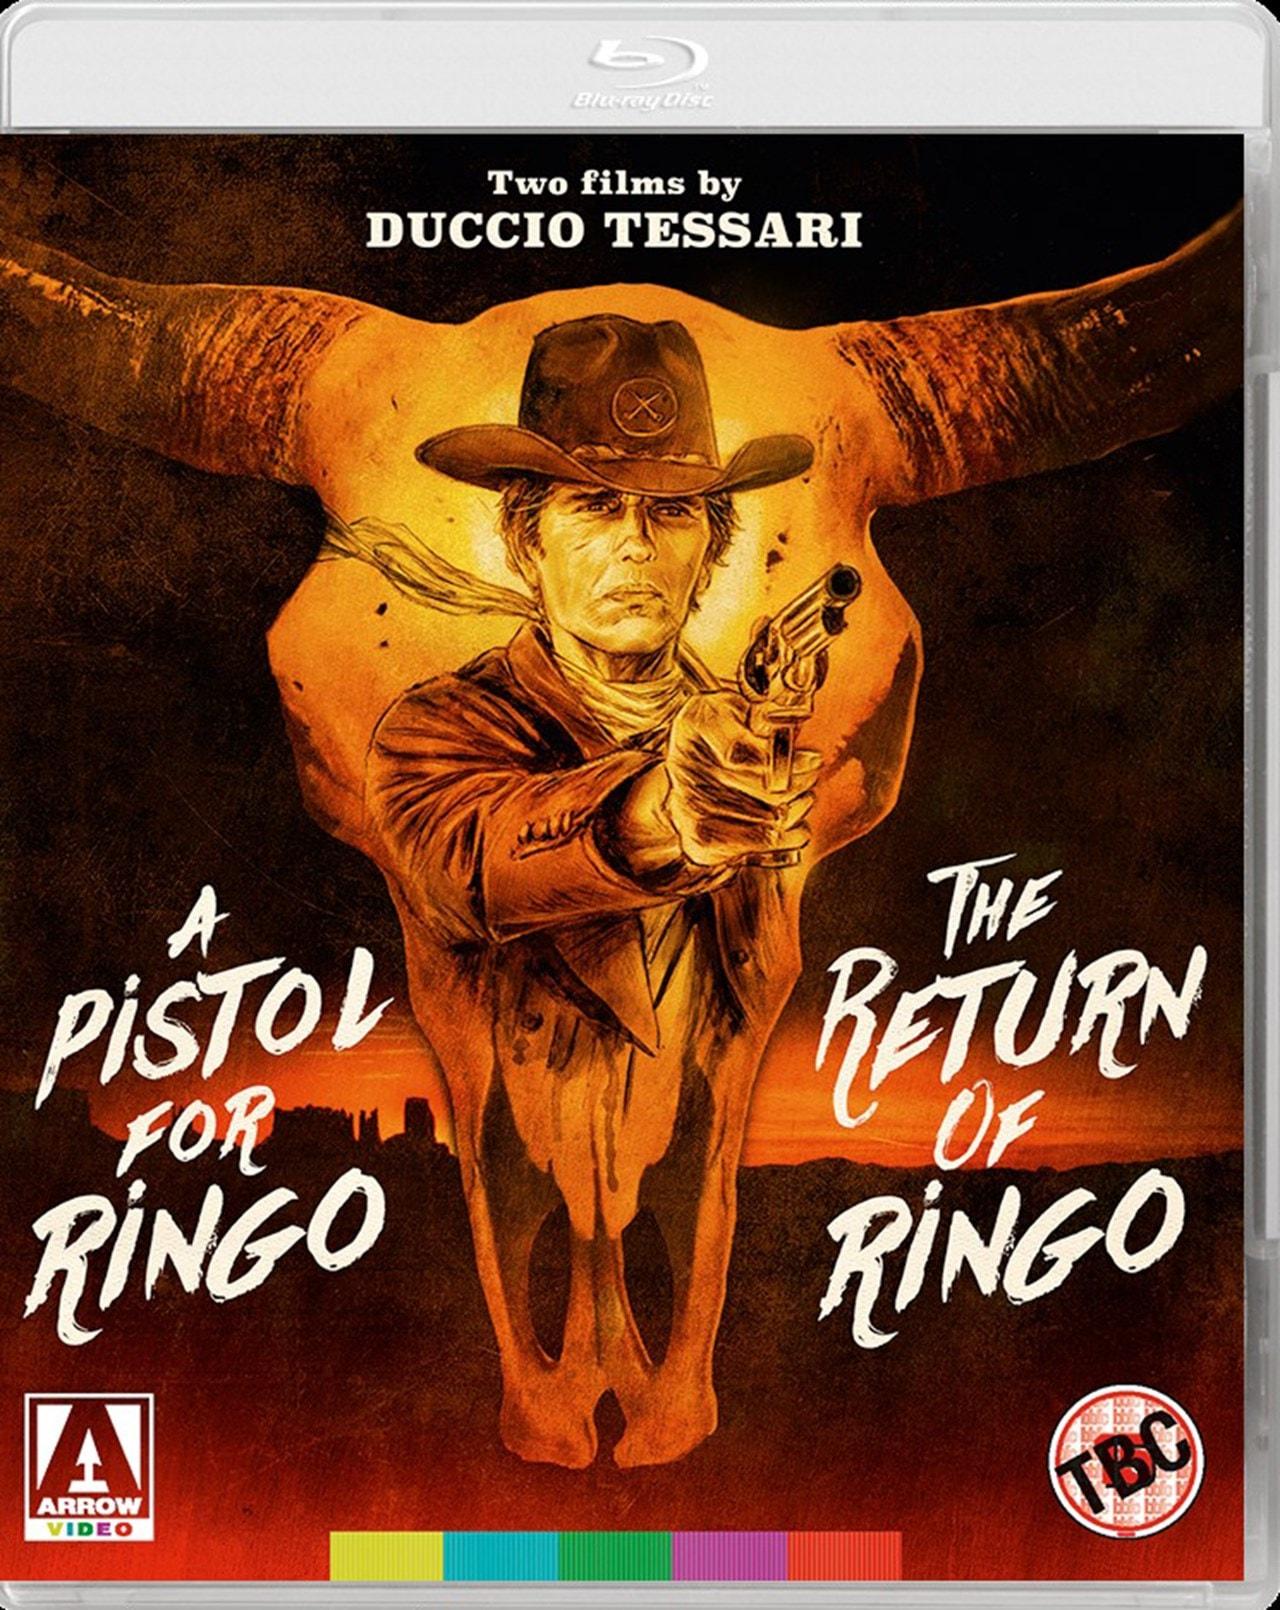 A Pistol for Ringo/The Return of Ringo - 1